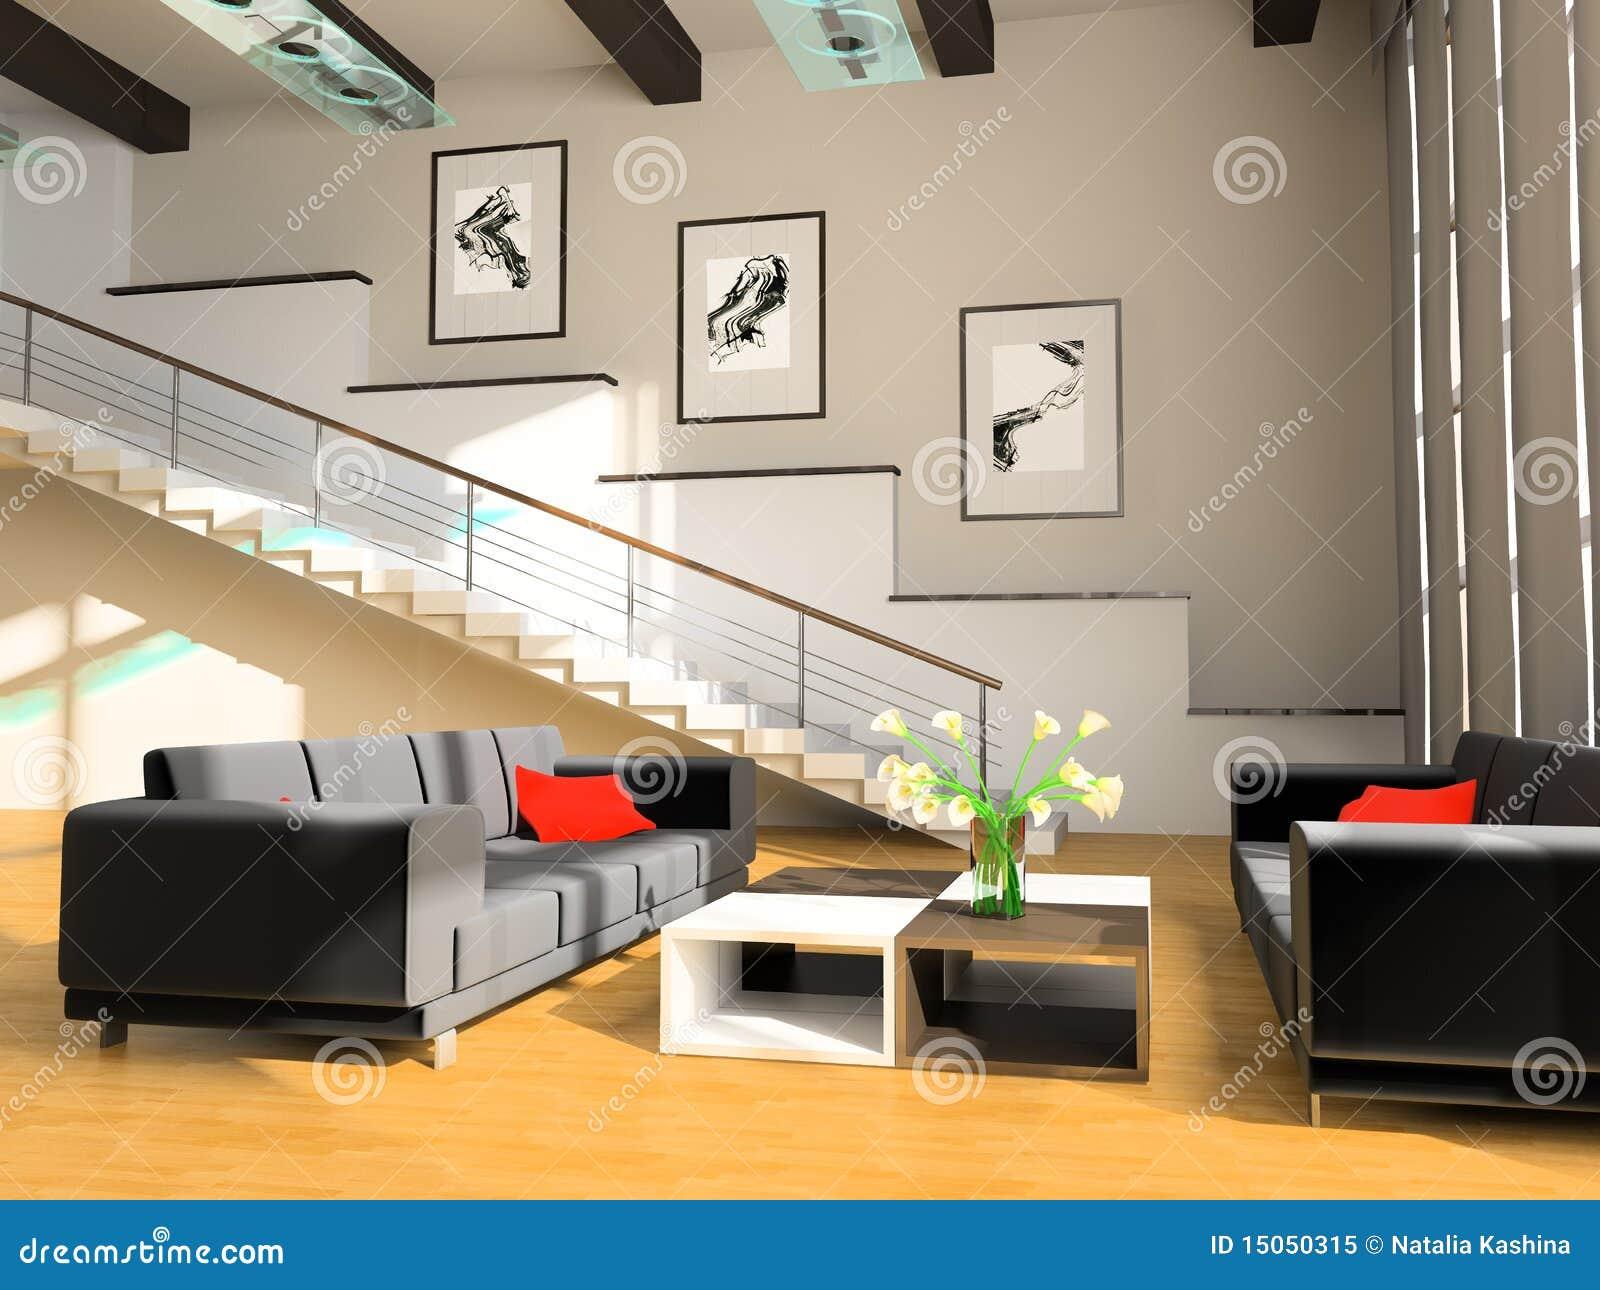 Escalier Dans Un Salon Illustration Stock Illustration Du